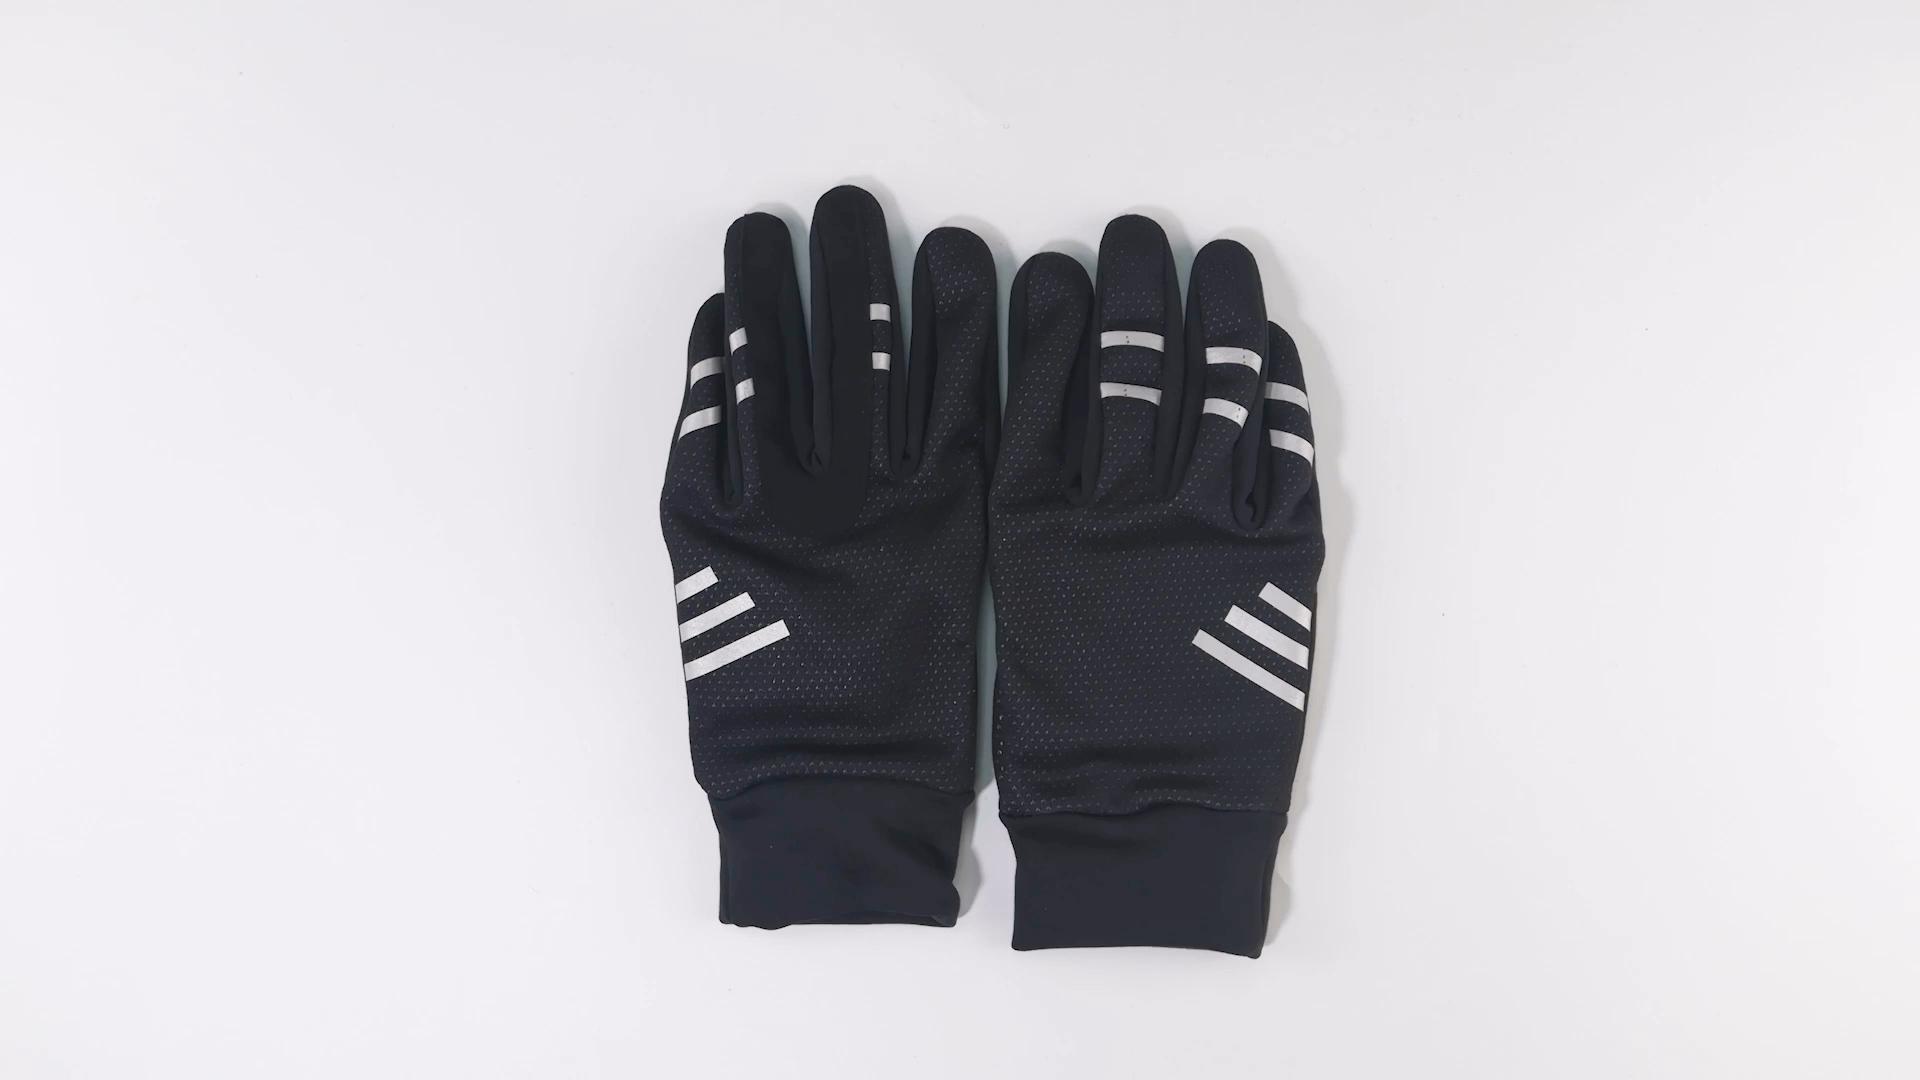 Di alta qualità su ordinazione oem pieni della barretta anti vibrazione impermeabile caldo ciclismo mountain bike guanti per l'inverno giovani adulti